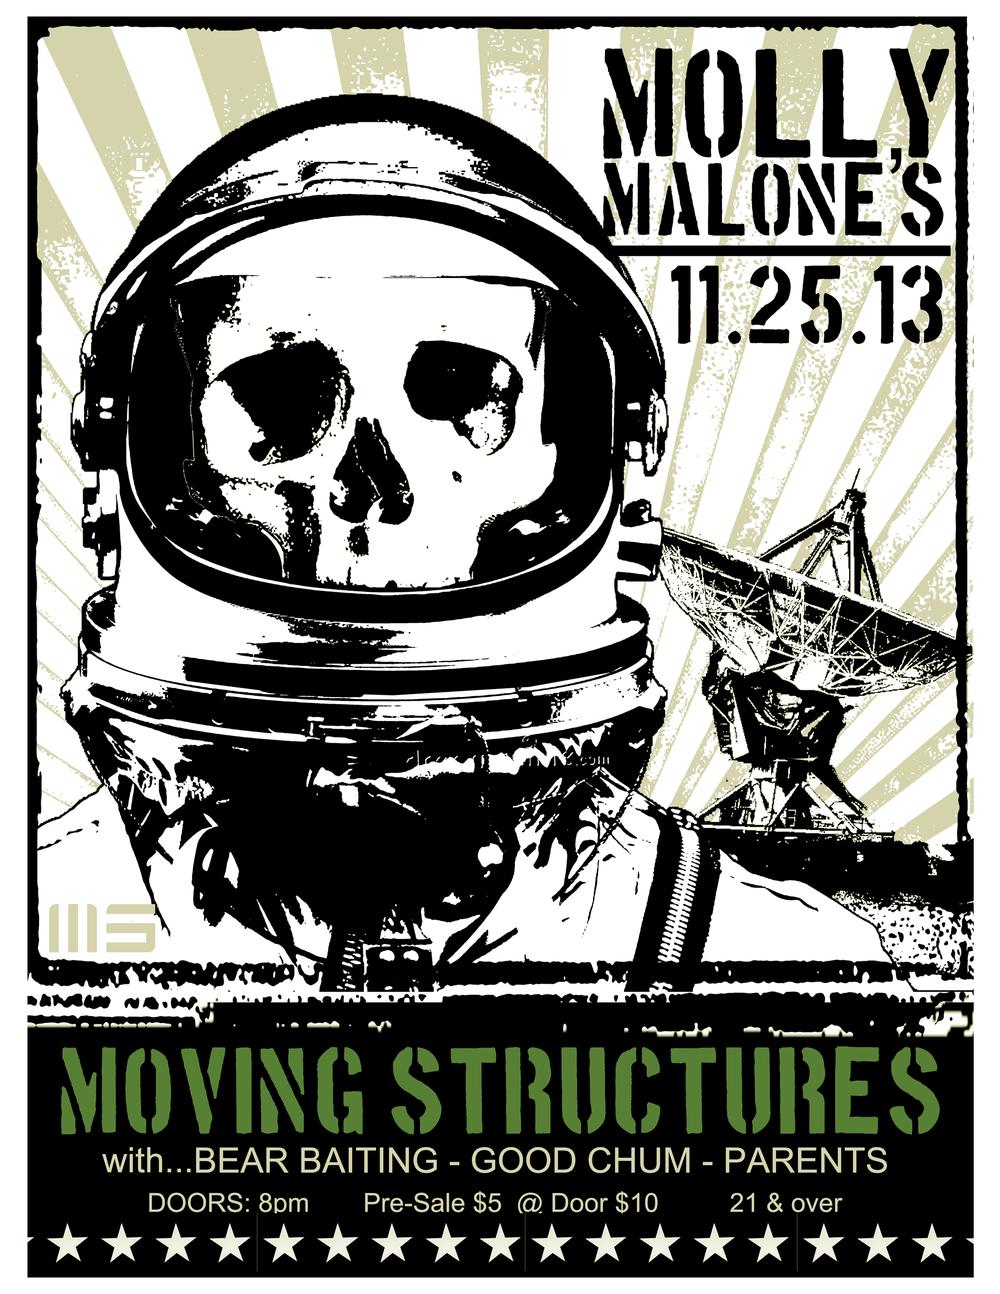 MOLLY MALONE'S 11.25.13